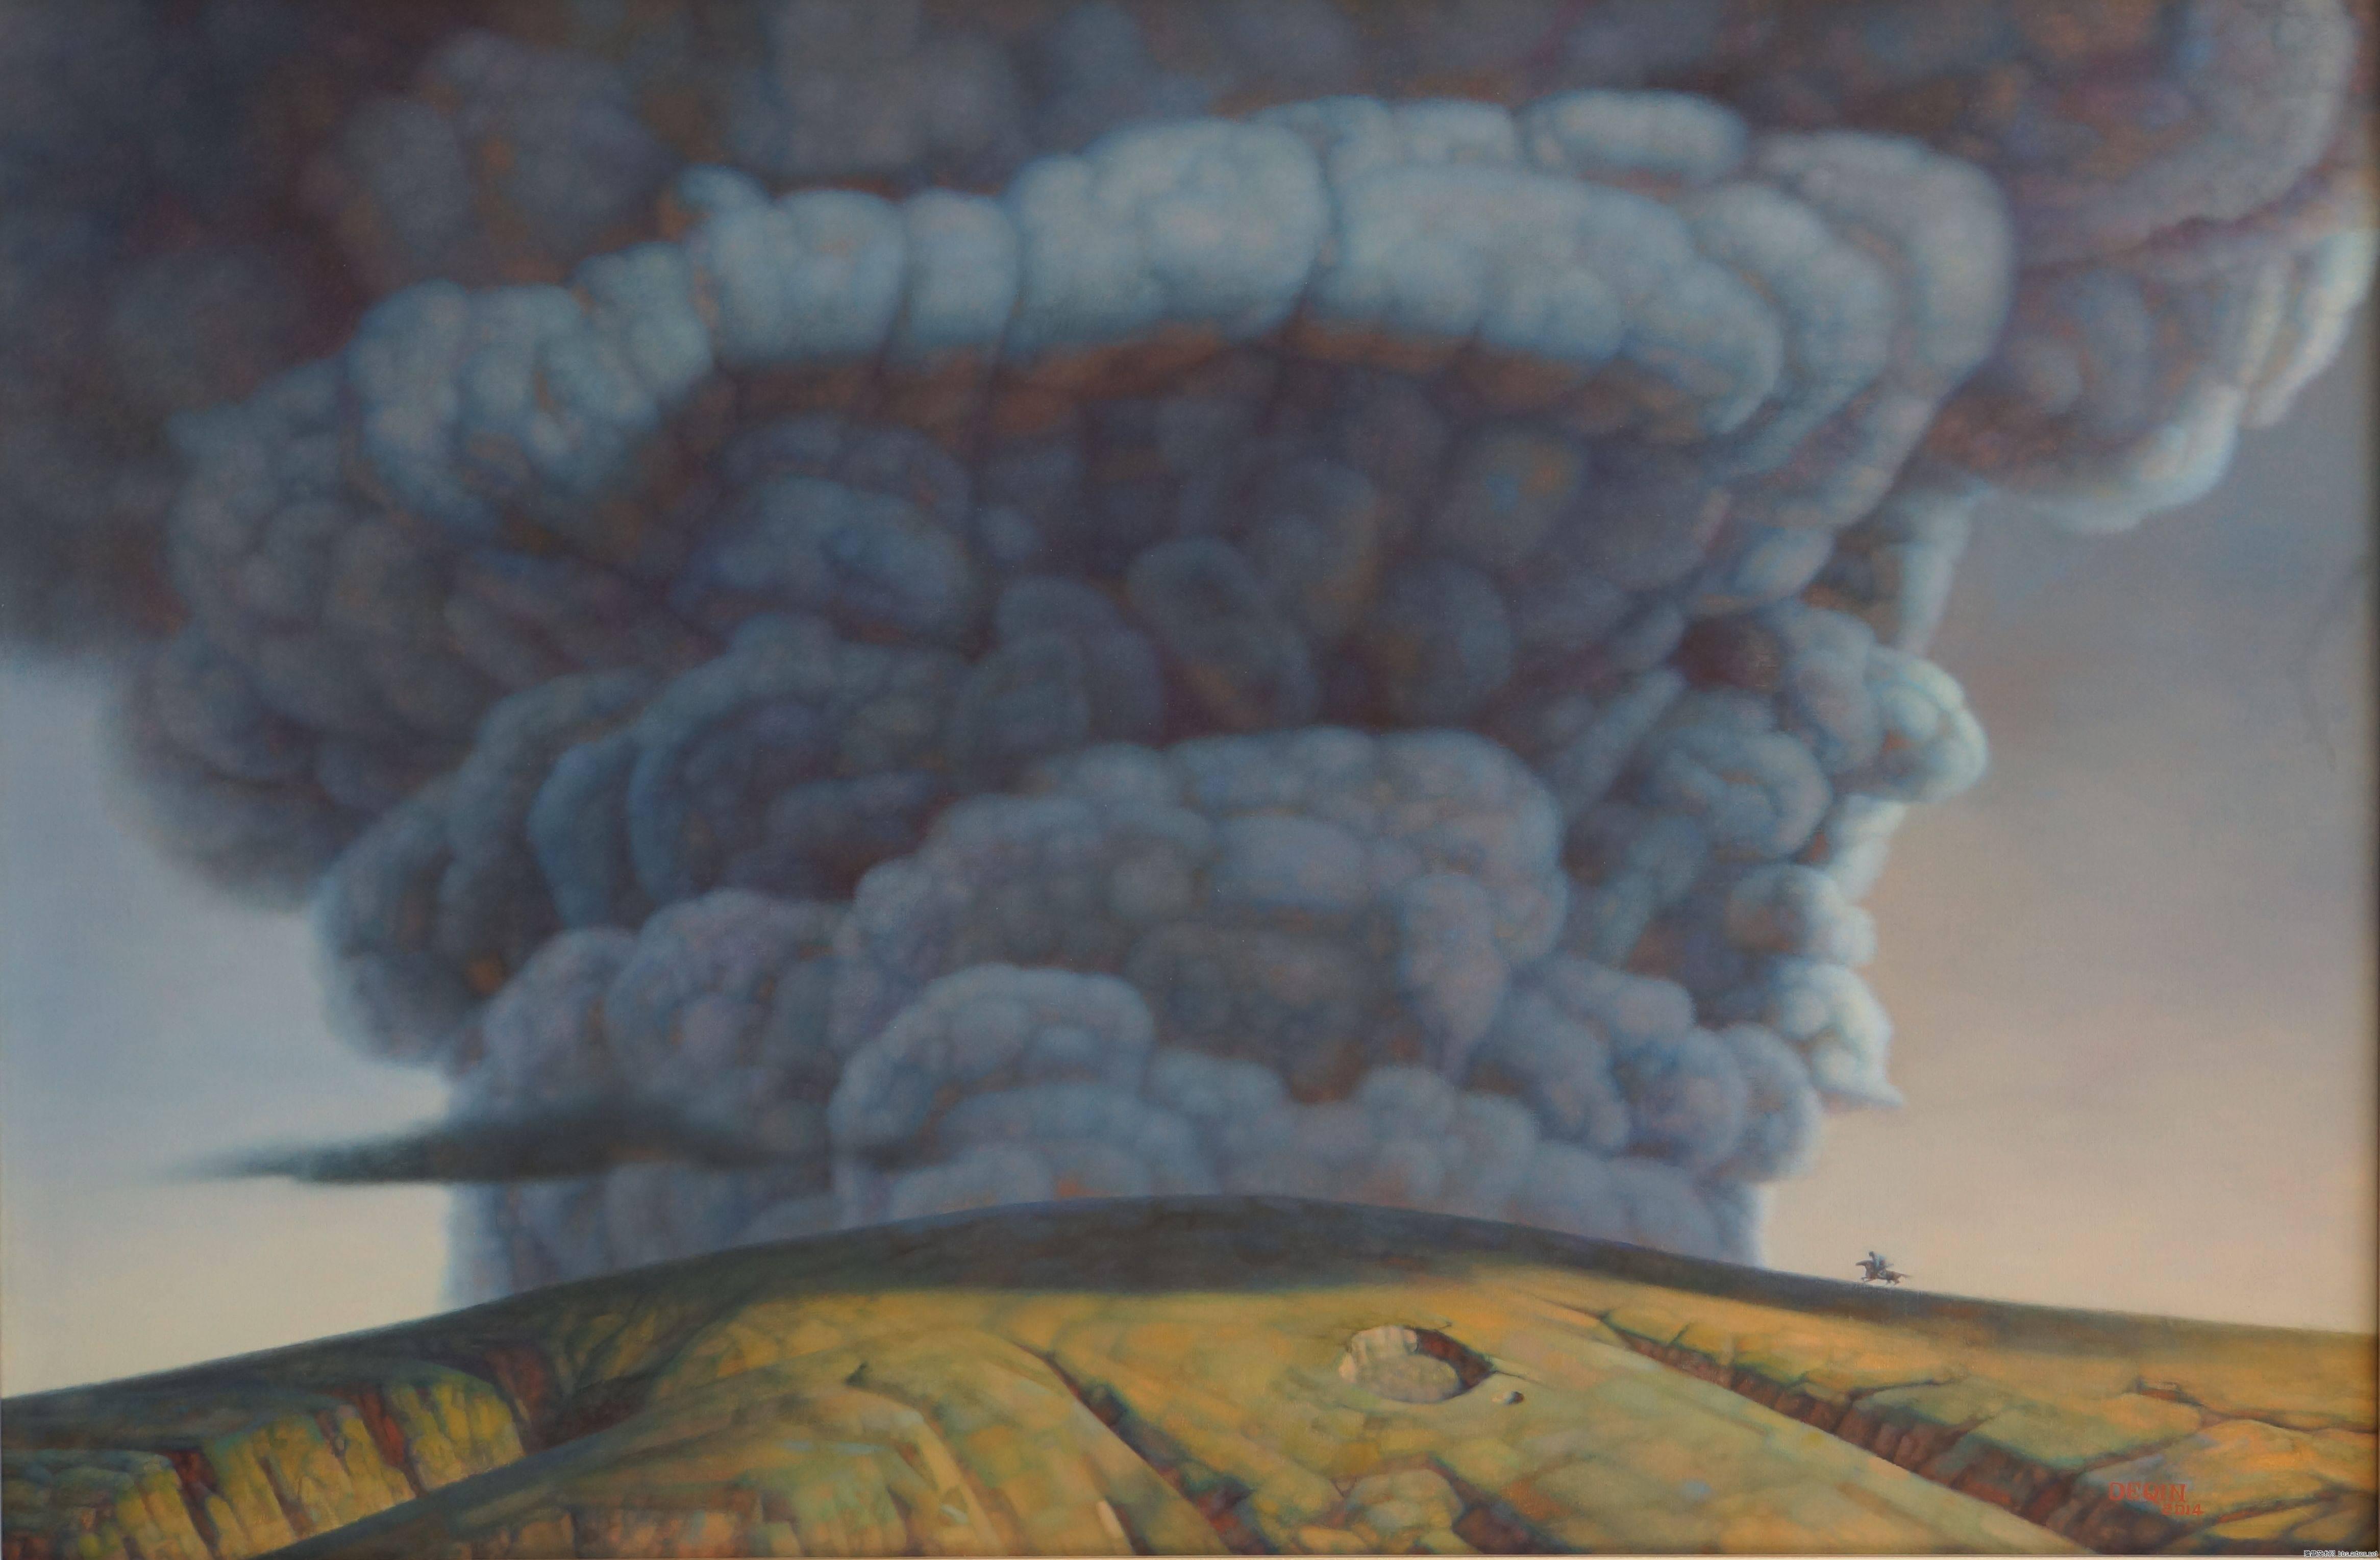 德钦老师的油画  蒙古草原 系列阿鲁科尔沁 第6张